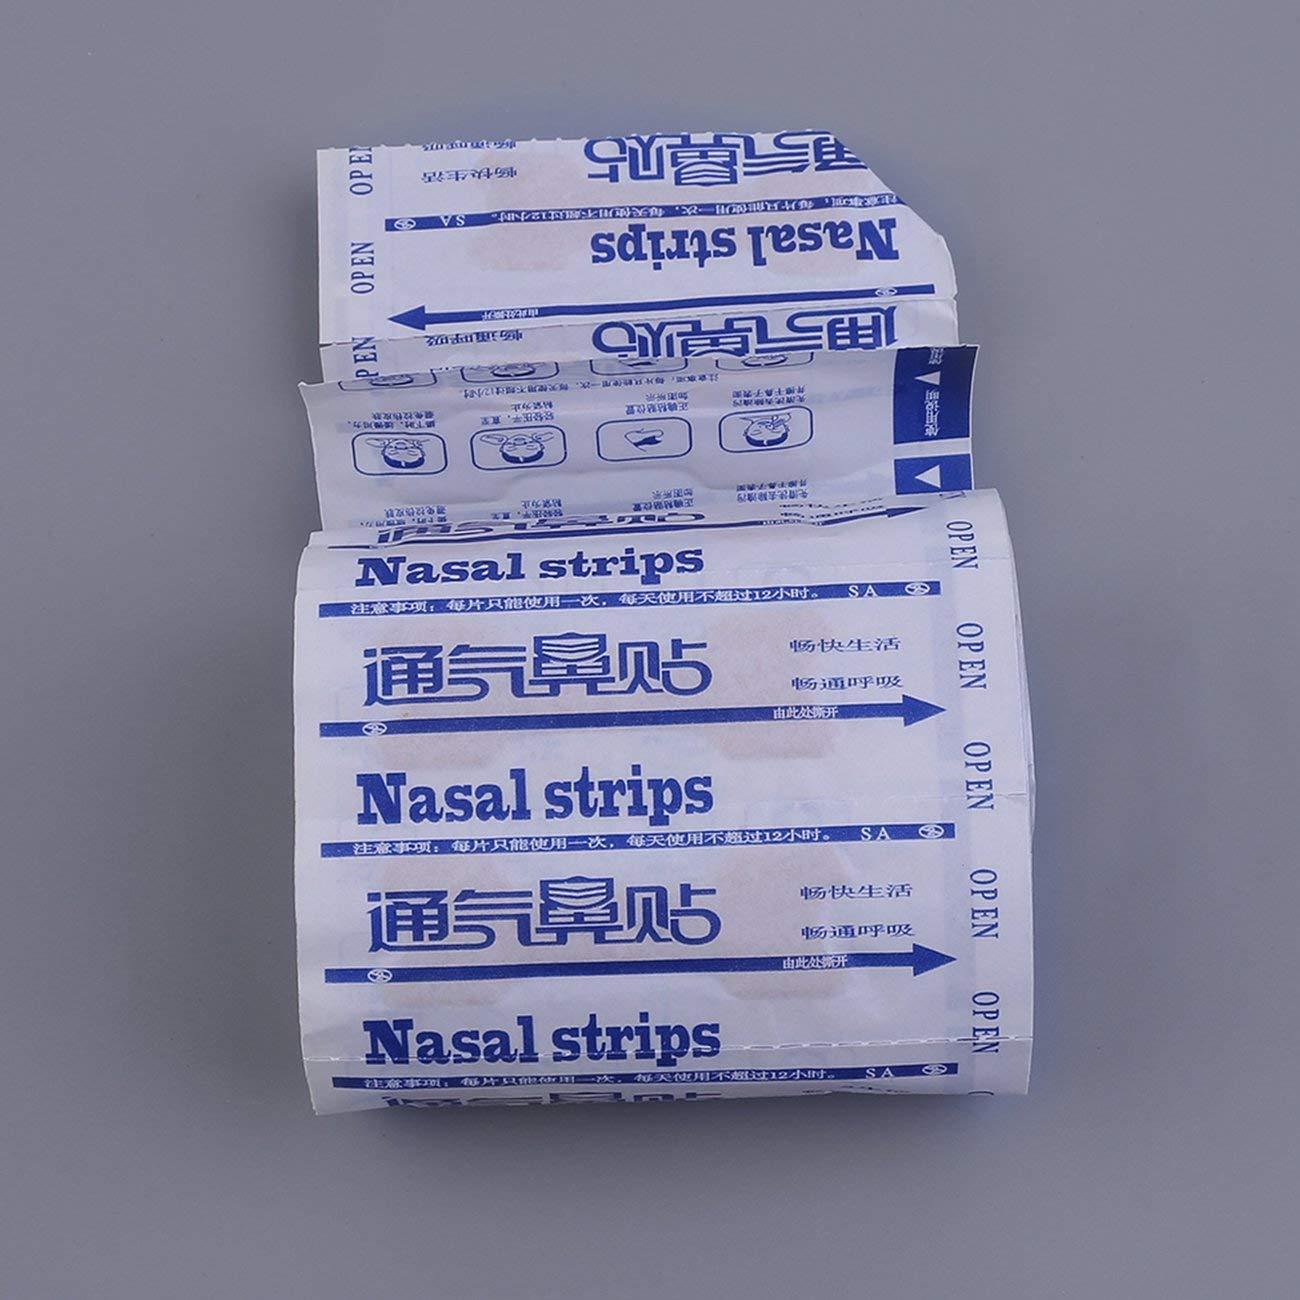 1 juego de respiraci/ón Tiras nasales para dejar de roncar Tiras antirronquidos Parche Mejorar Respirar Dormir Cuidado de la salud para hombres Mujeres JBP-X